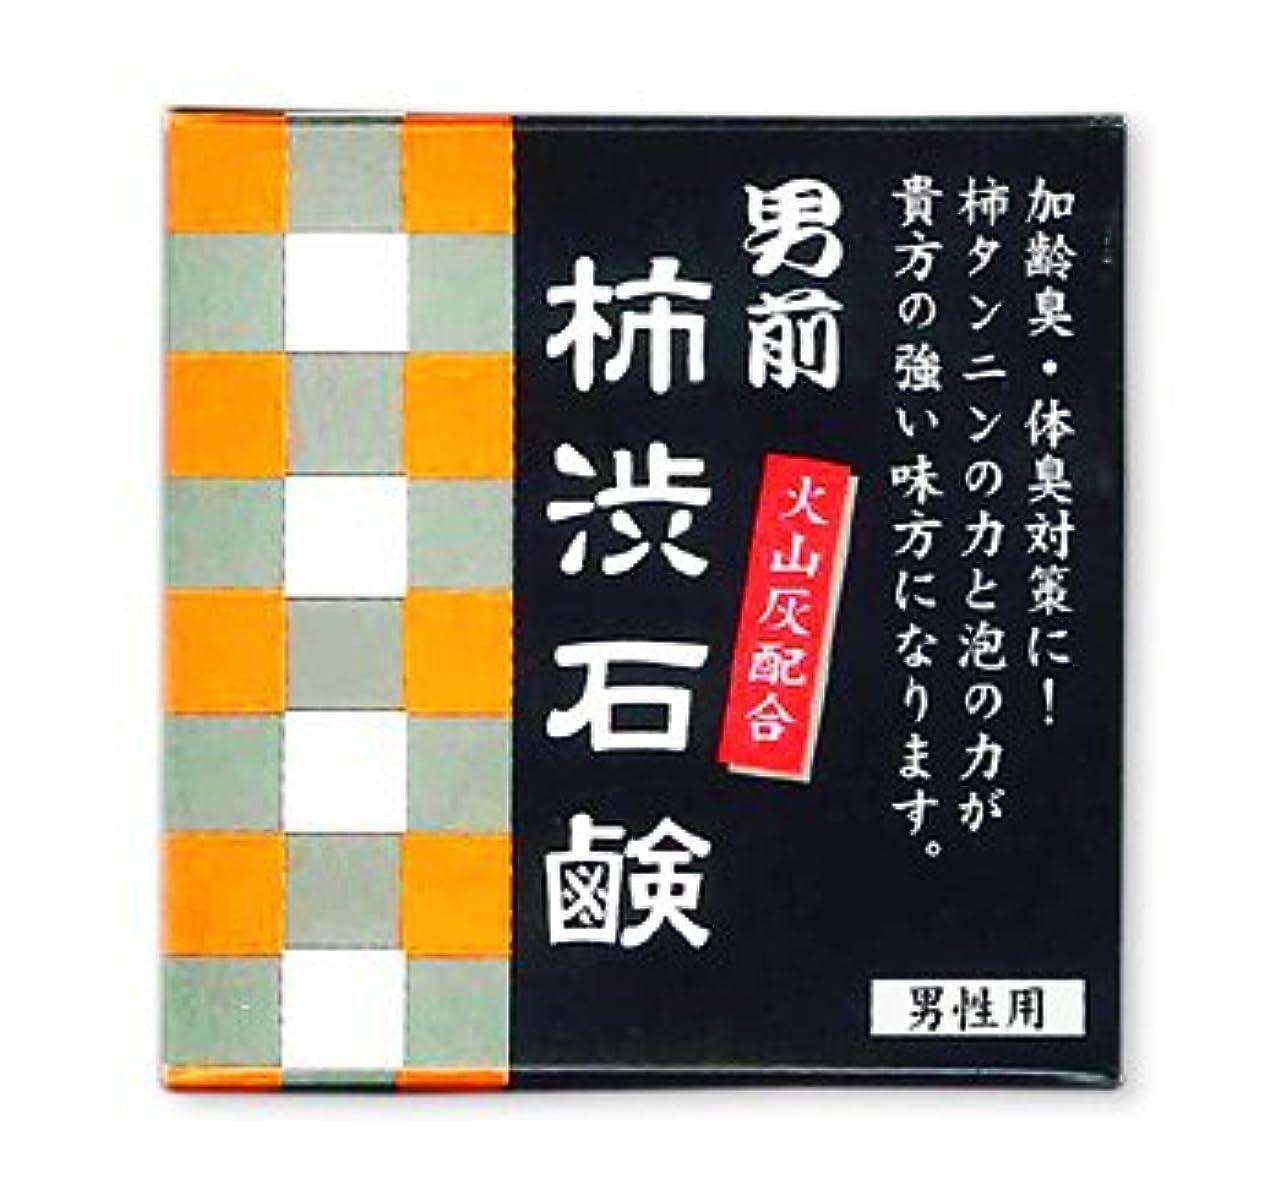 サルベージ時系列失効男磨けっ! 男前 柿渋石鹸 (80g)×20個セット 加齢臭 体臭 などに